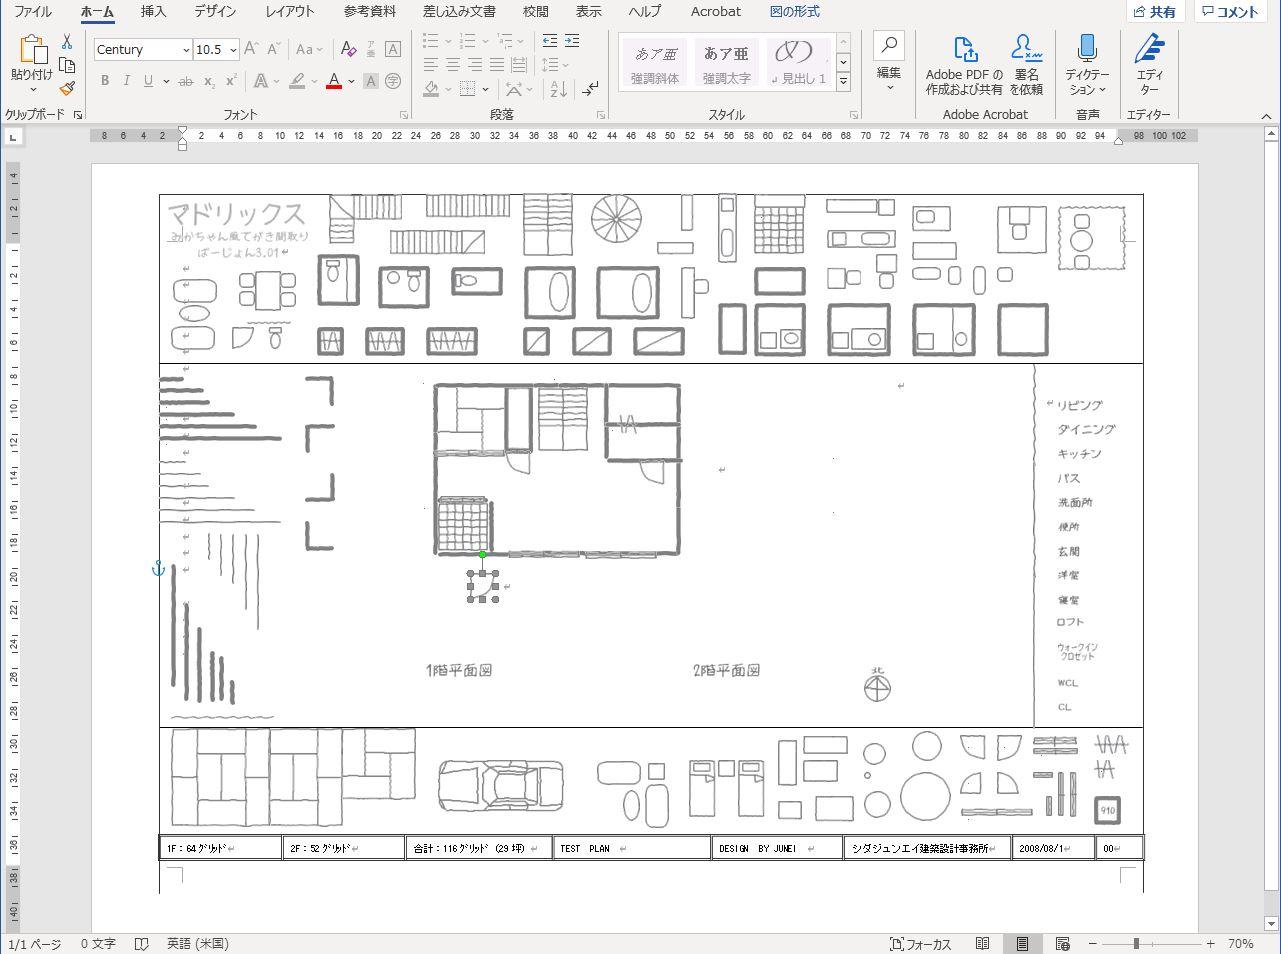 手書きマドリックス3.01ベータ版 建具の配置